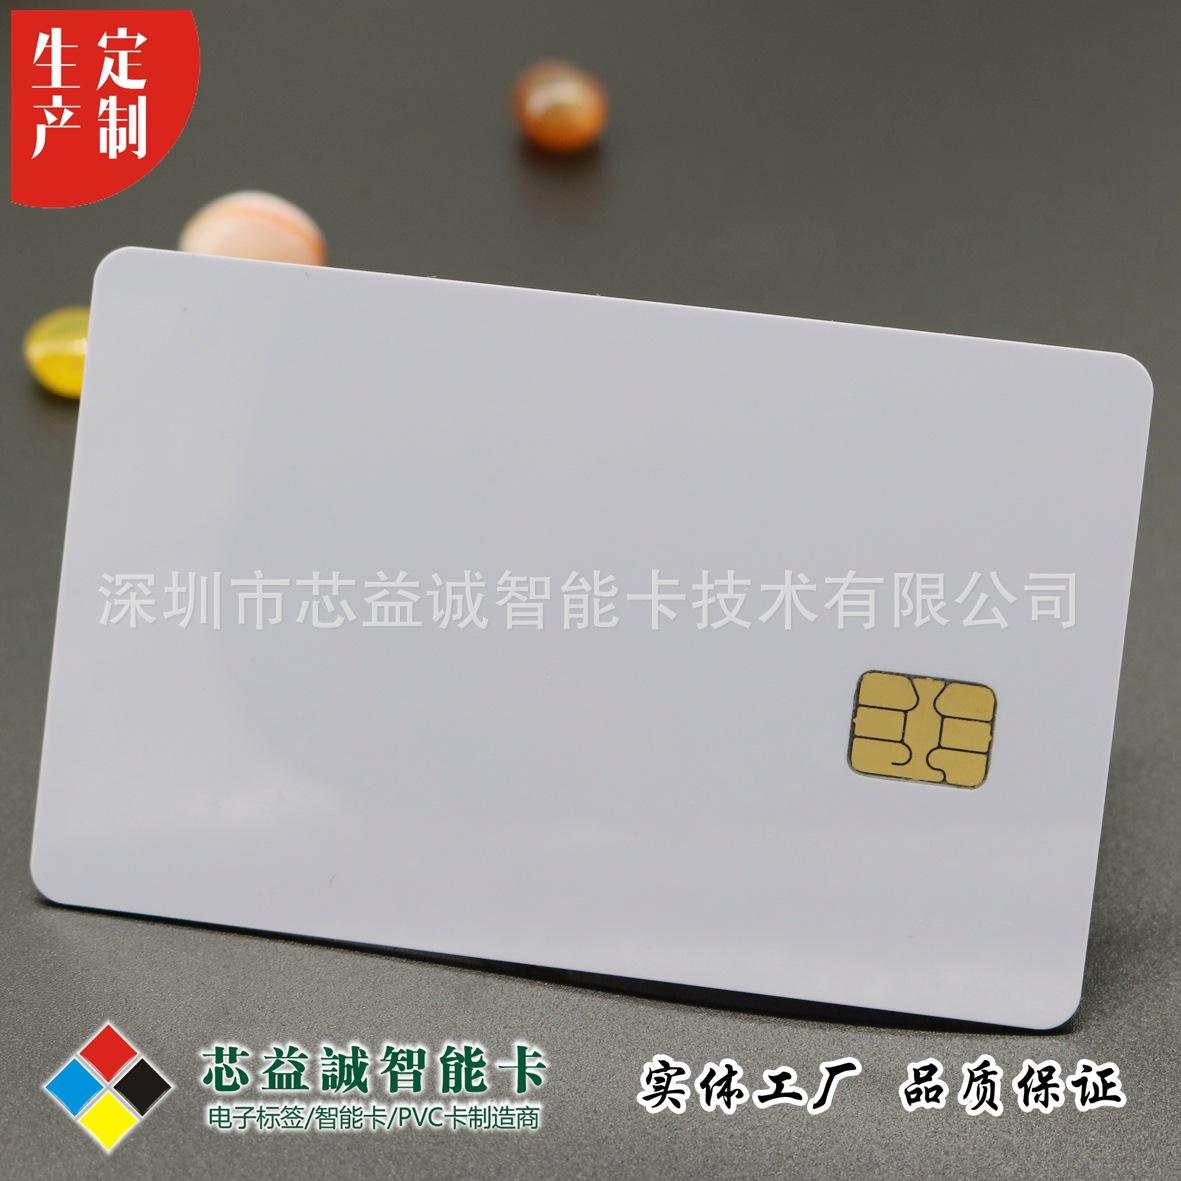 生产接触式IC芯片卡 原装4442会员卡 原装5542储值贵宾卡等PVC卡